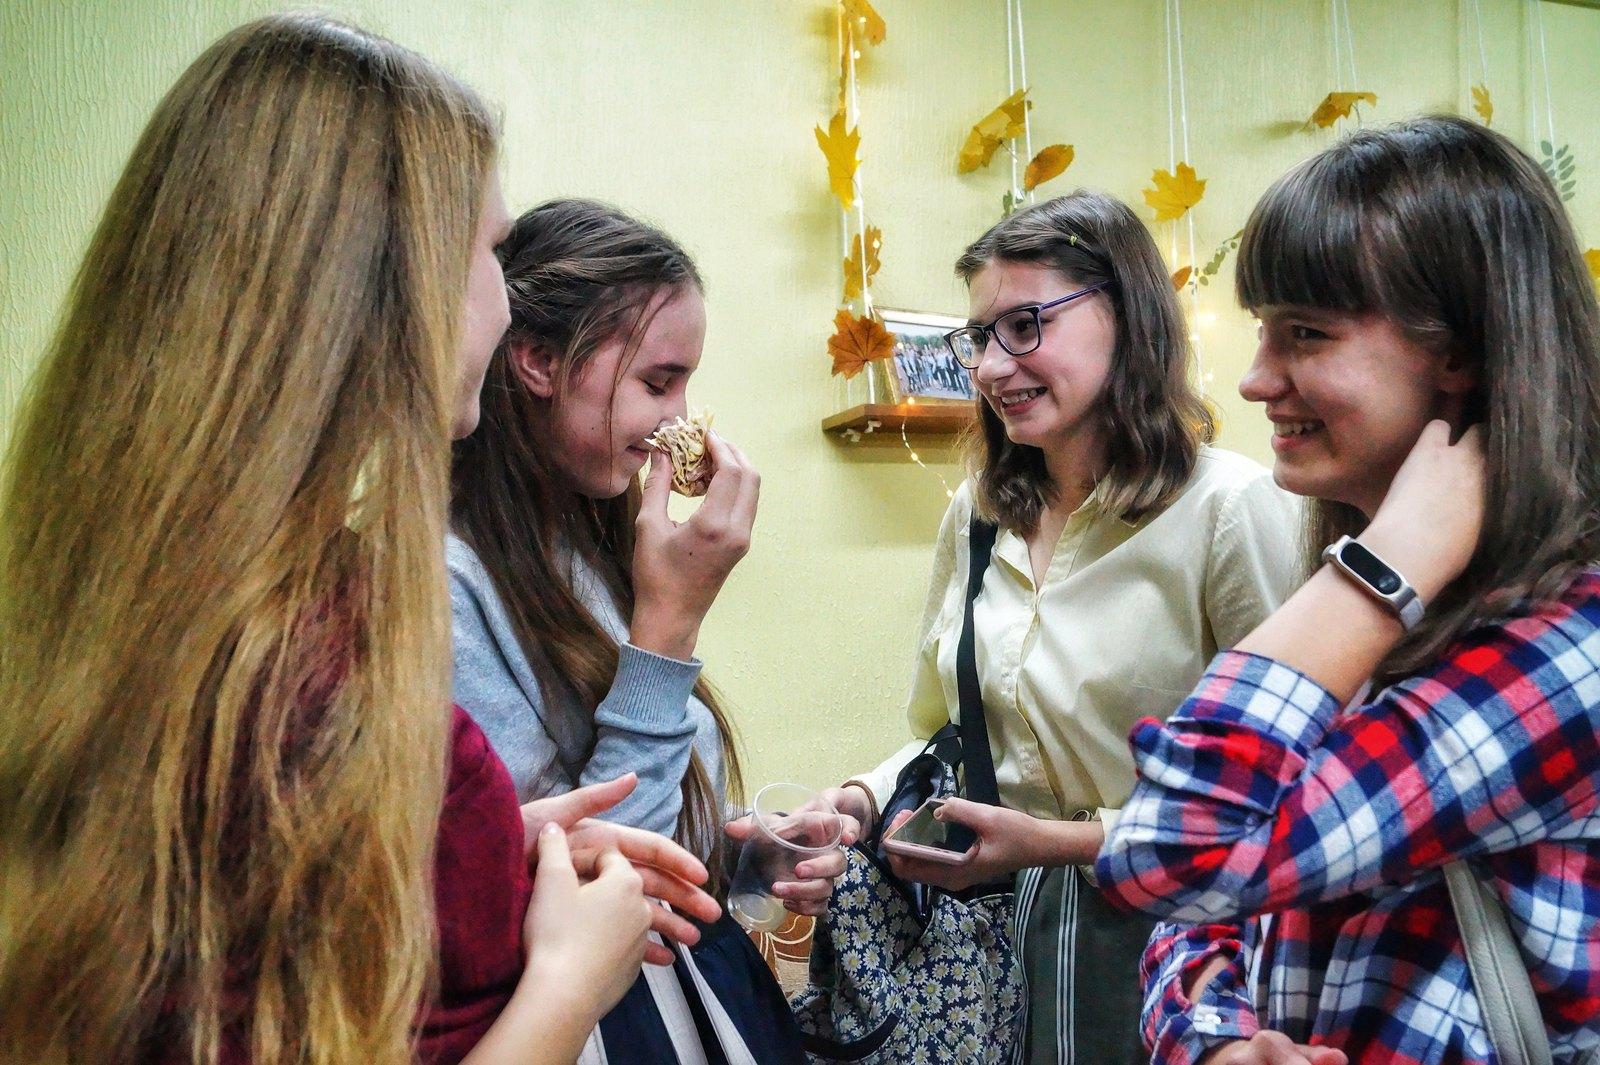 Свободное общение в церкви